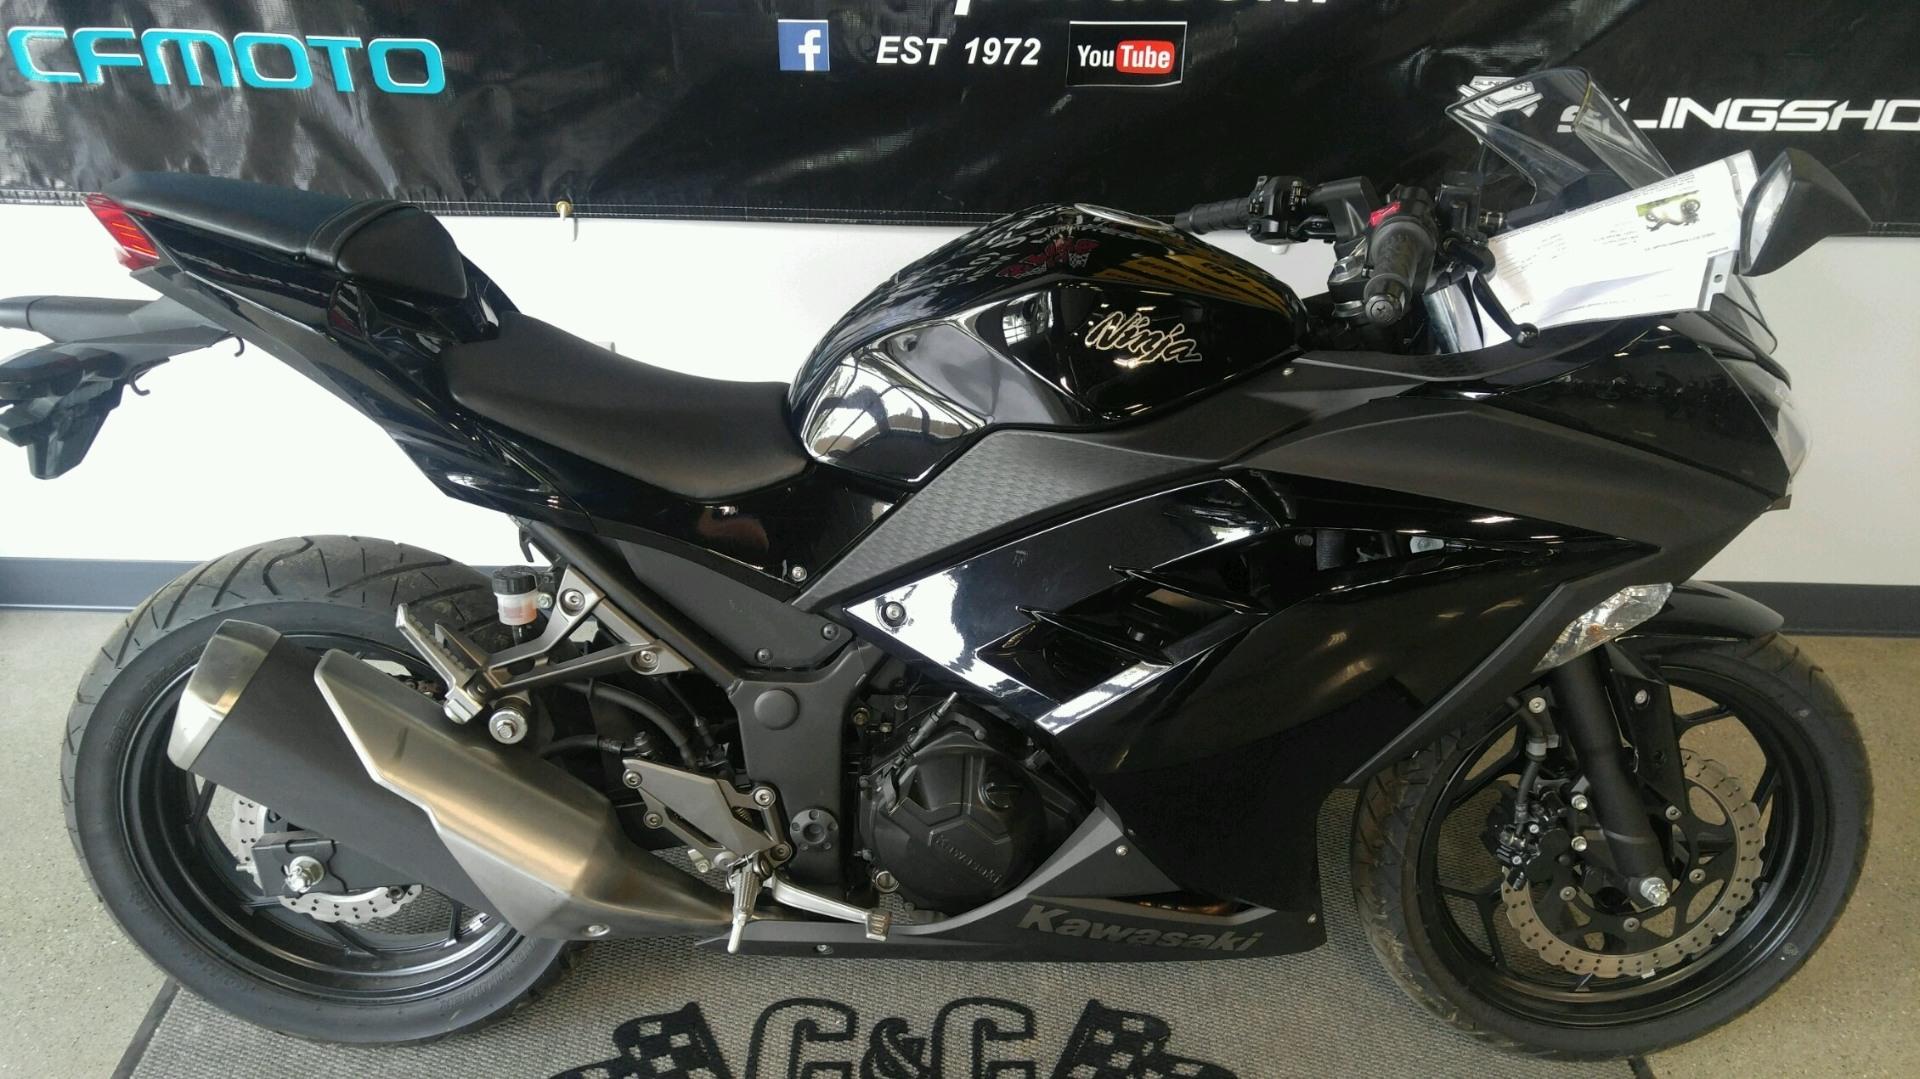 2013 Kawasaki Ninja® 300 in Brighton, Michigan